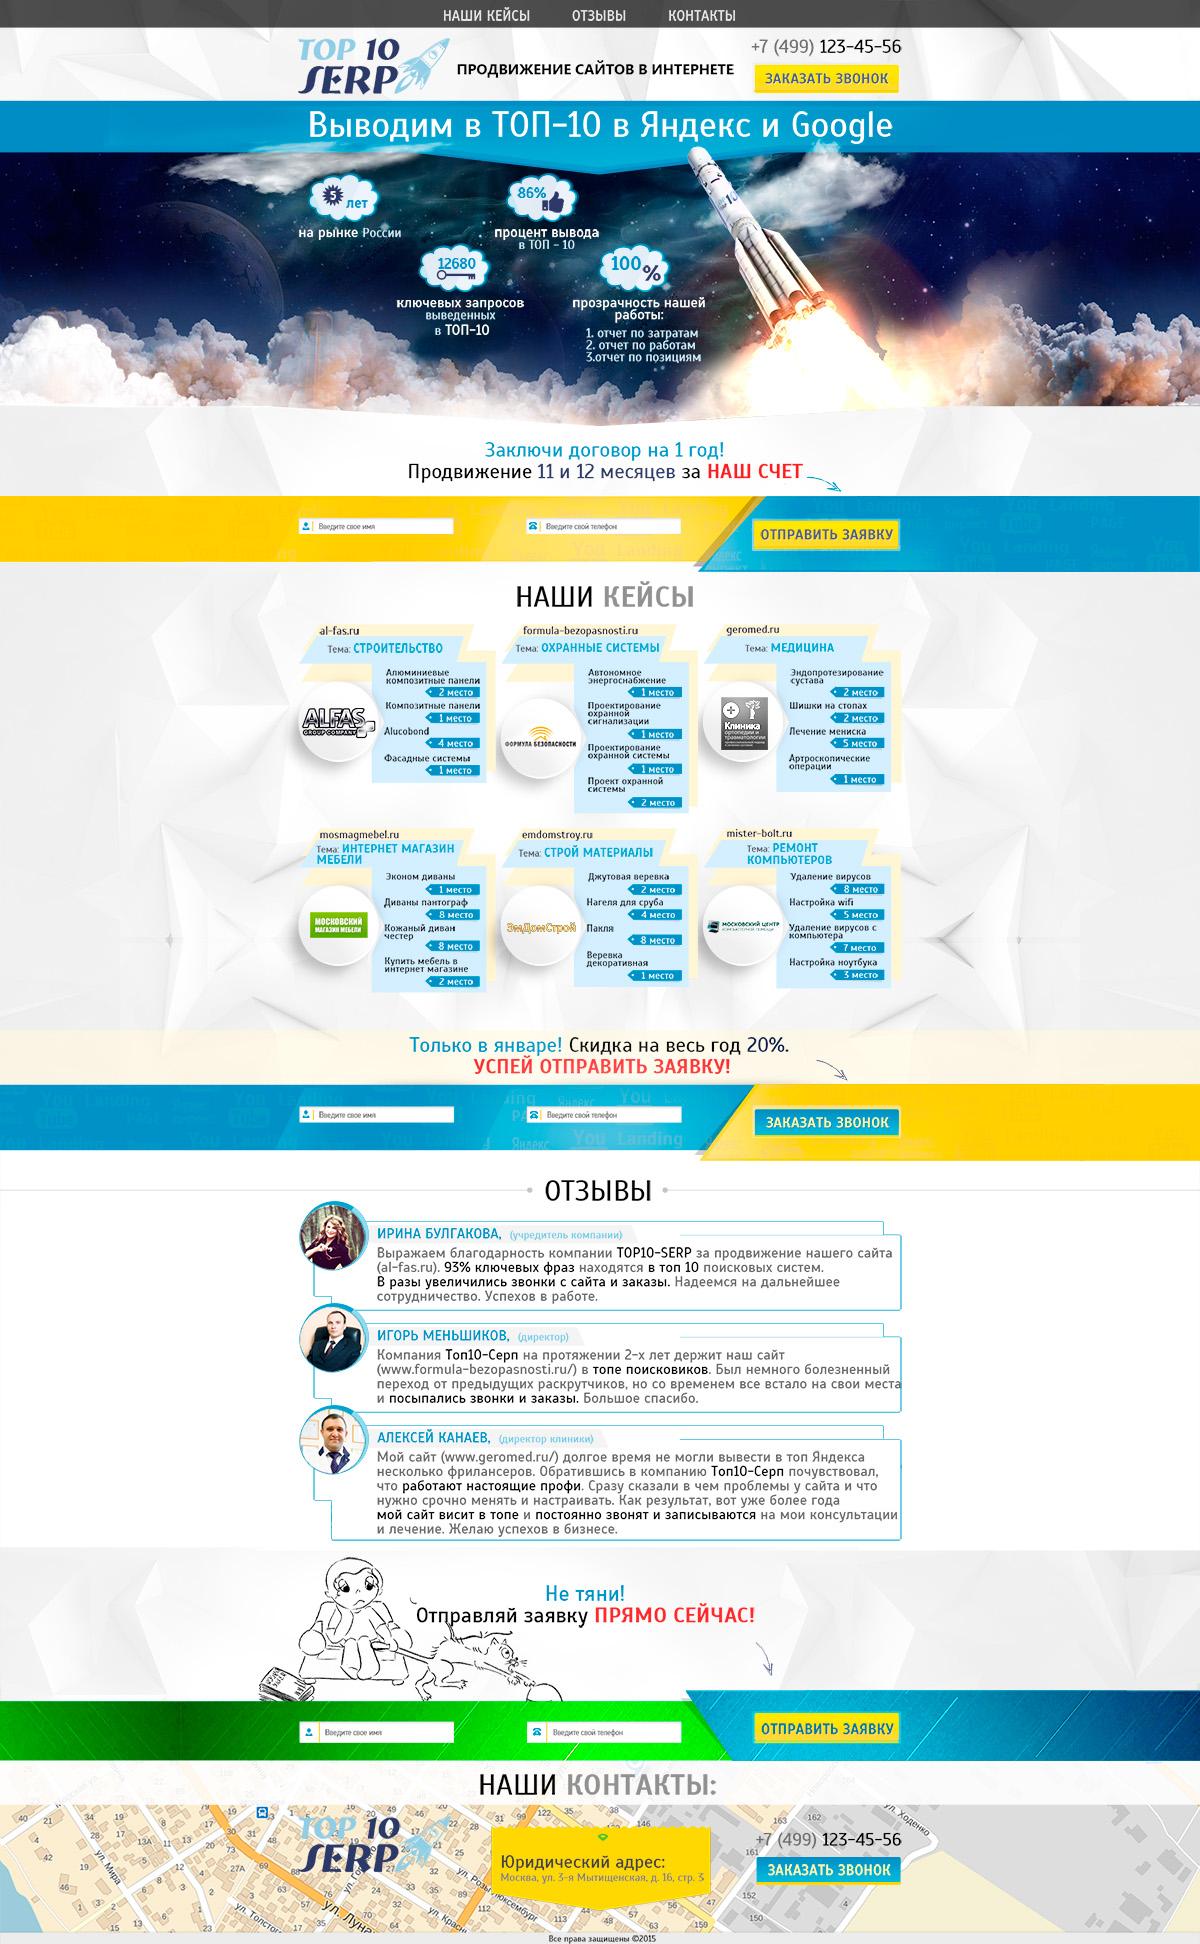 Landing Page - Вывод в ТОП в поискавике